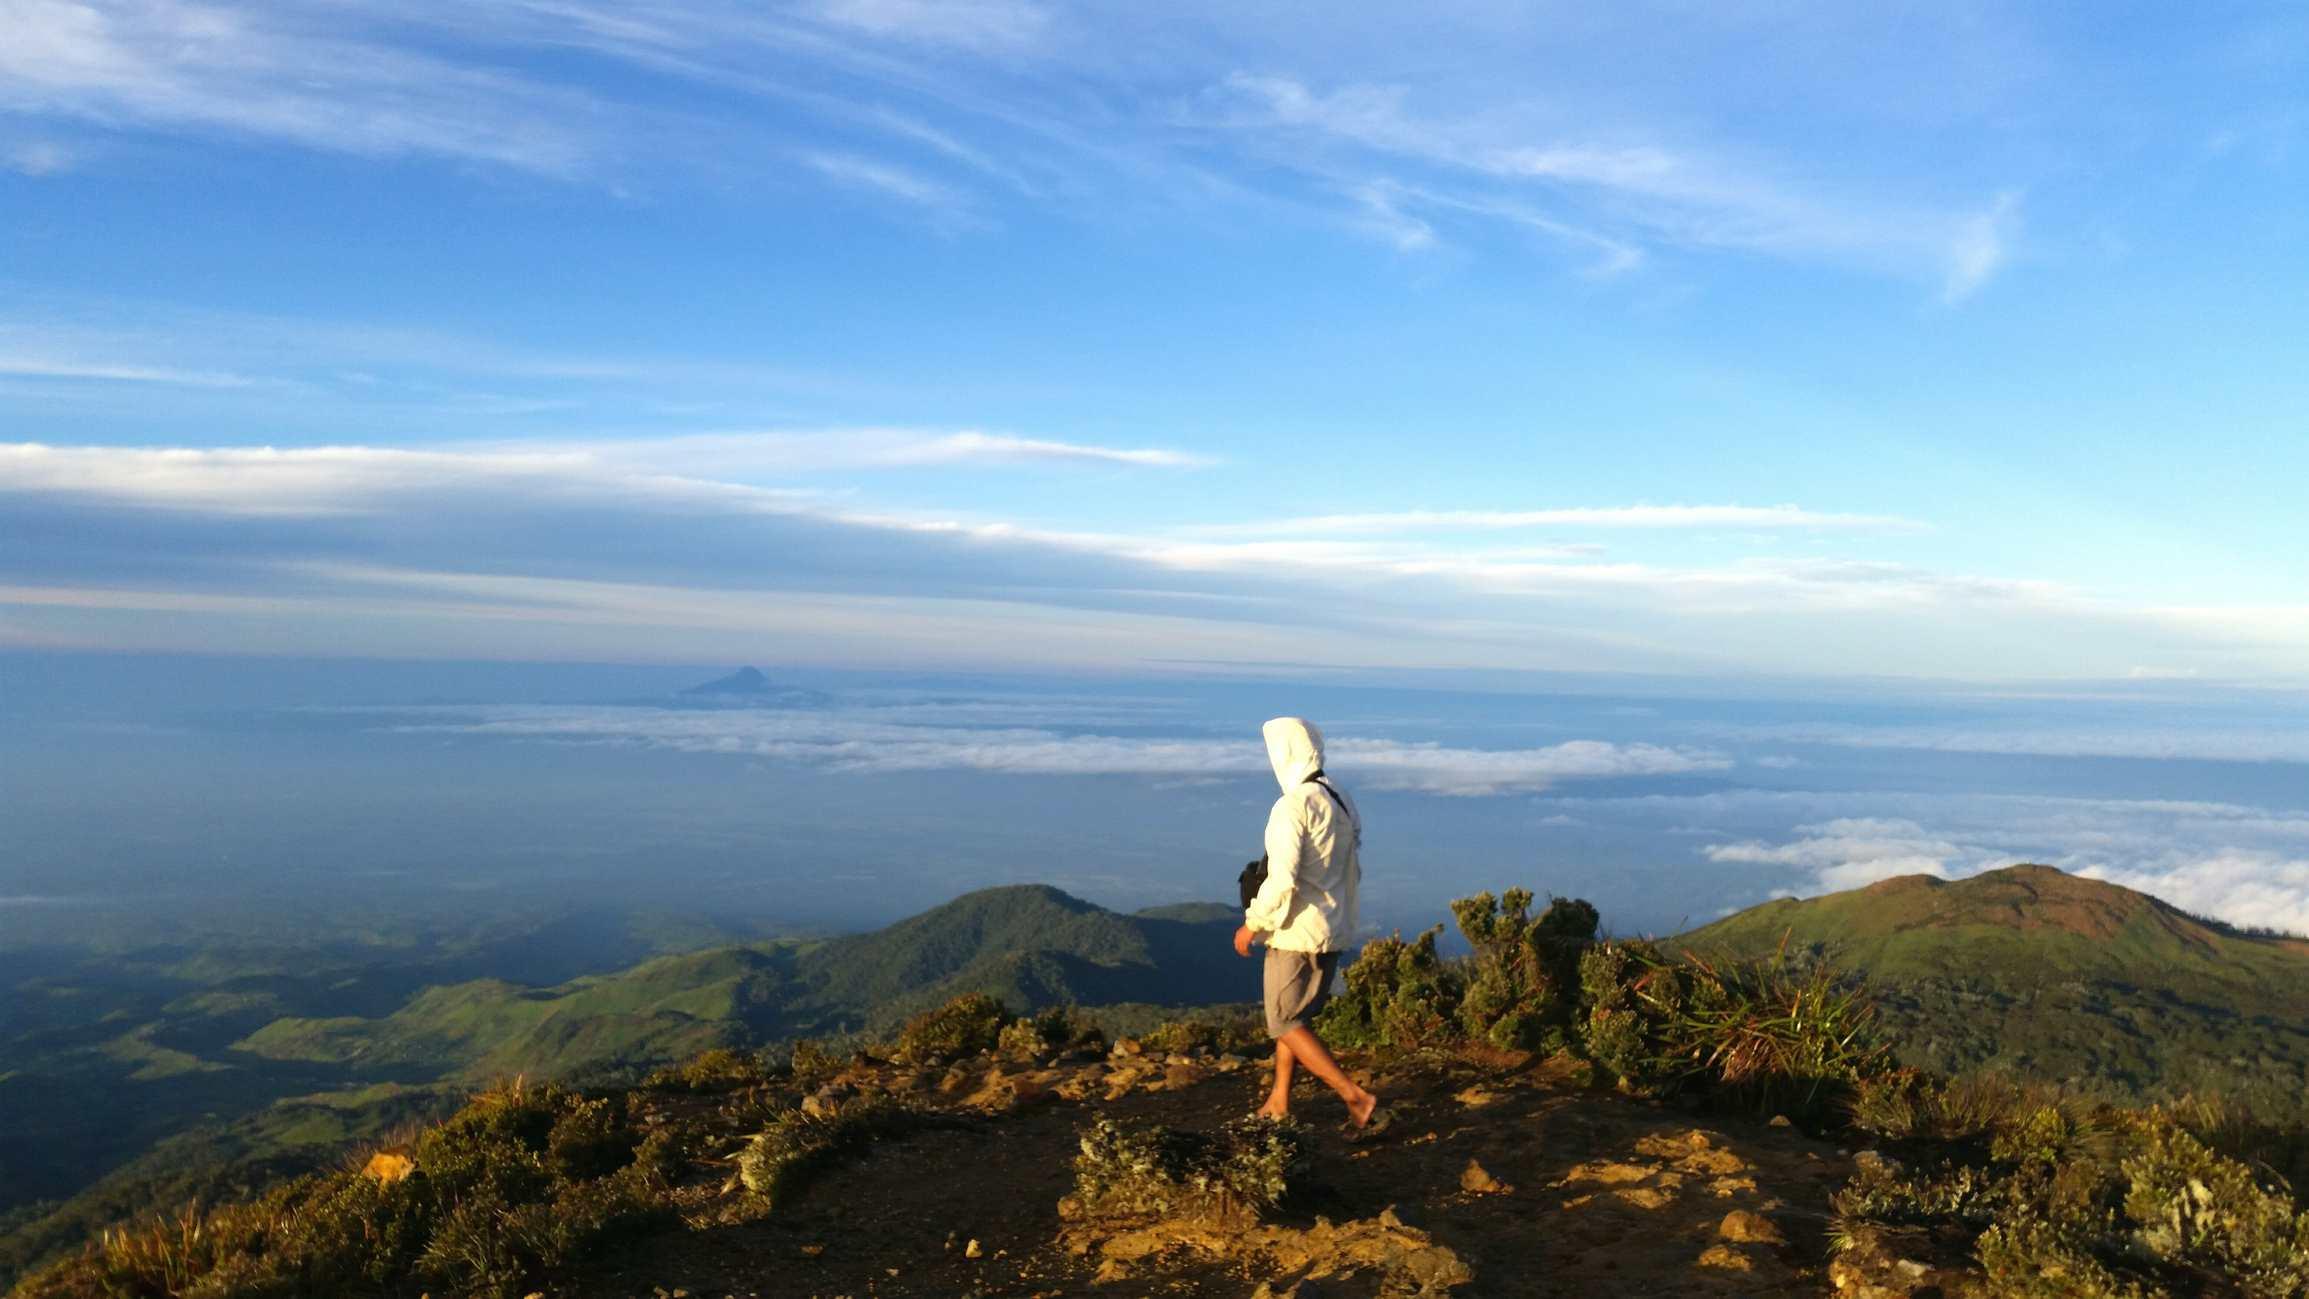 Climber on Mount Apo